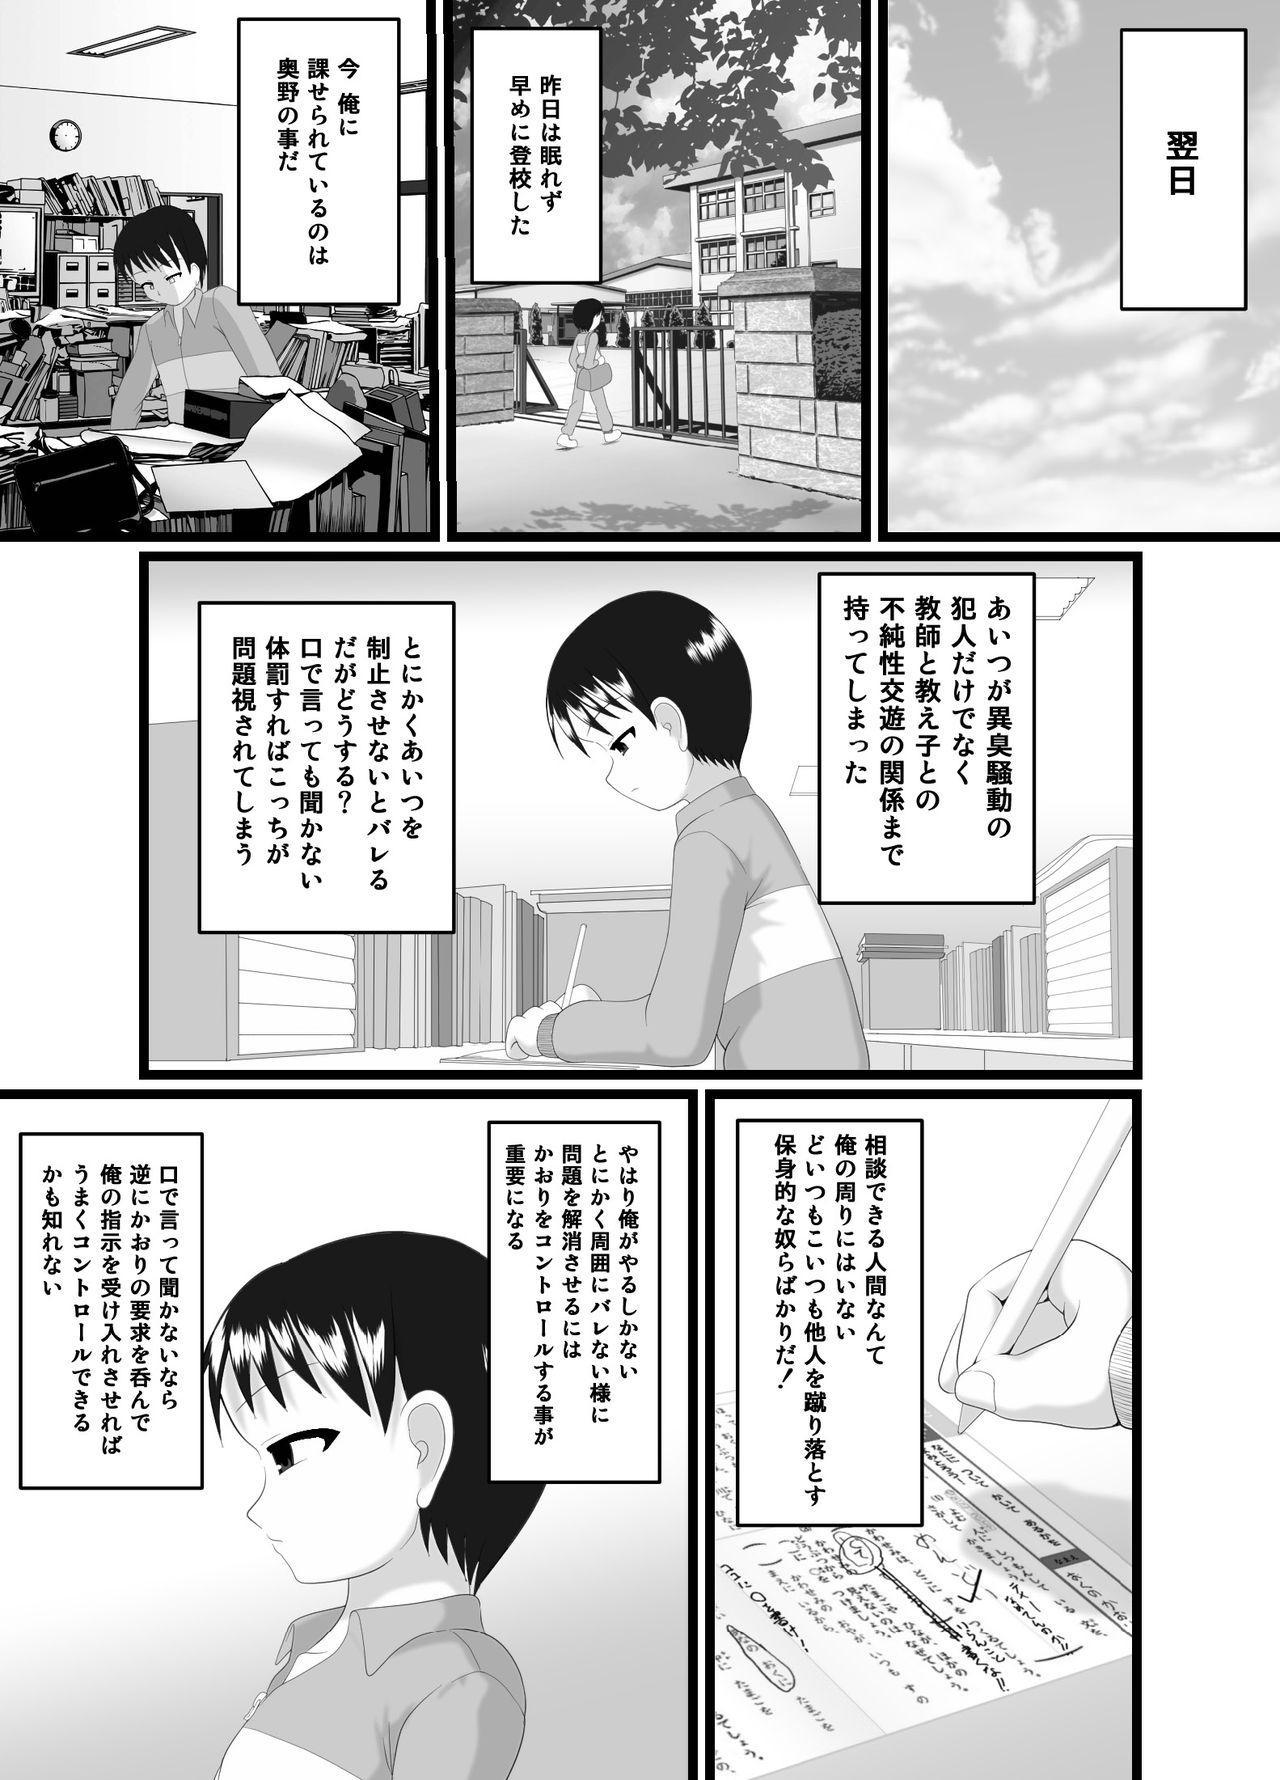 Kaori 18